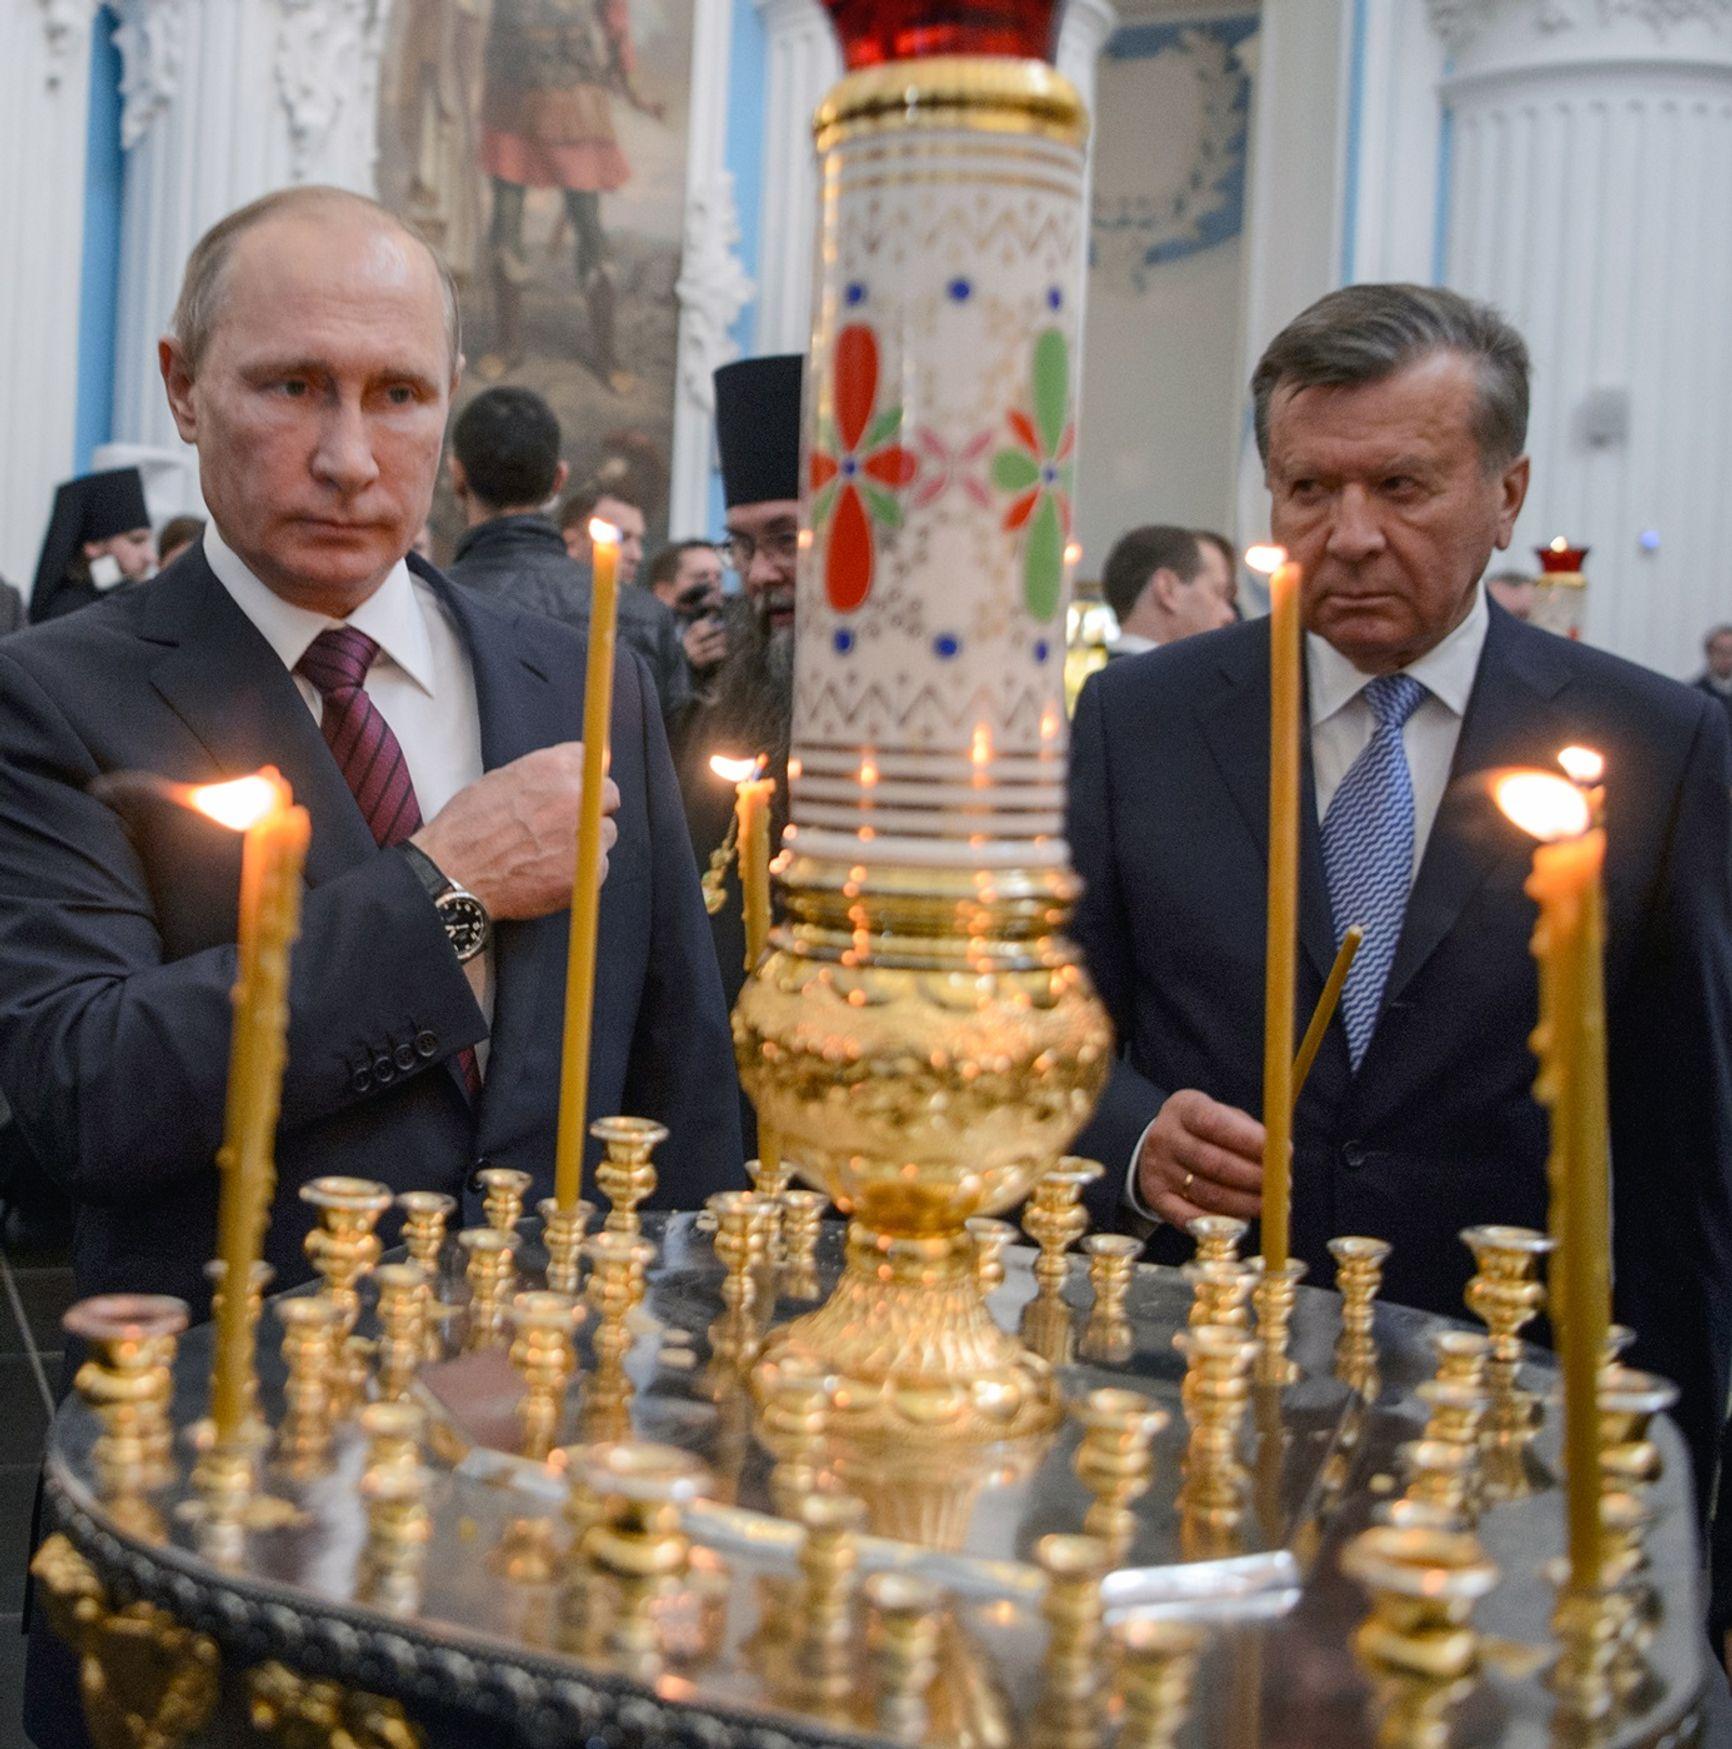 Бывший премьер-министр Виктор Зубков в прослушках и показаниях свидетелей фигурирует как друг и партнер криминального авторитета Геннадия Петрова